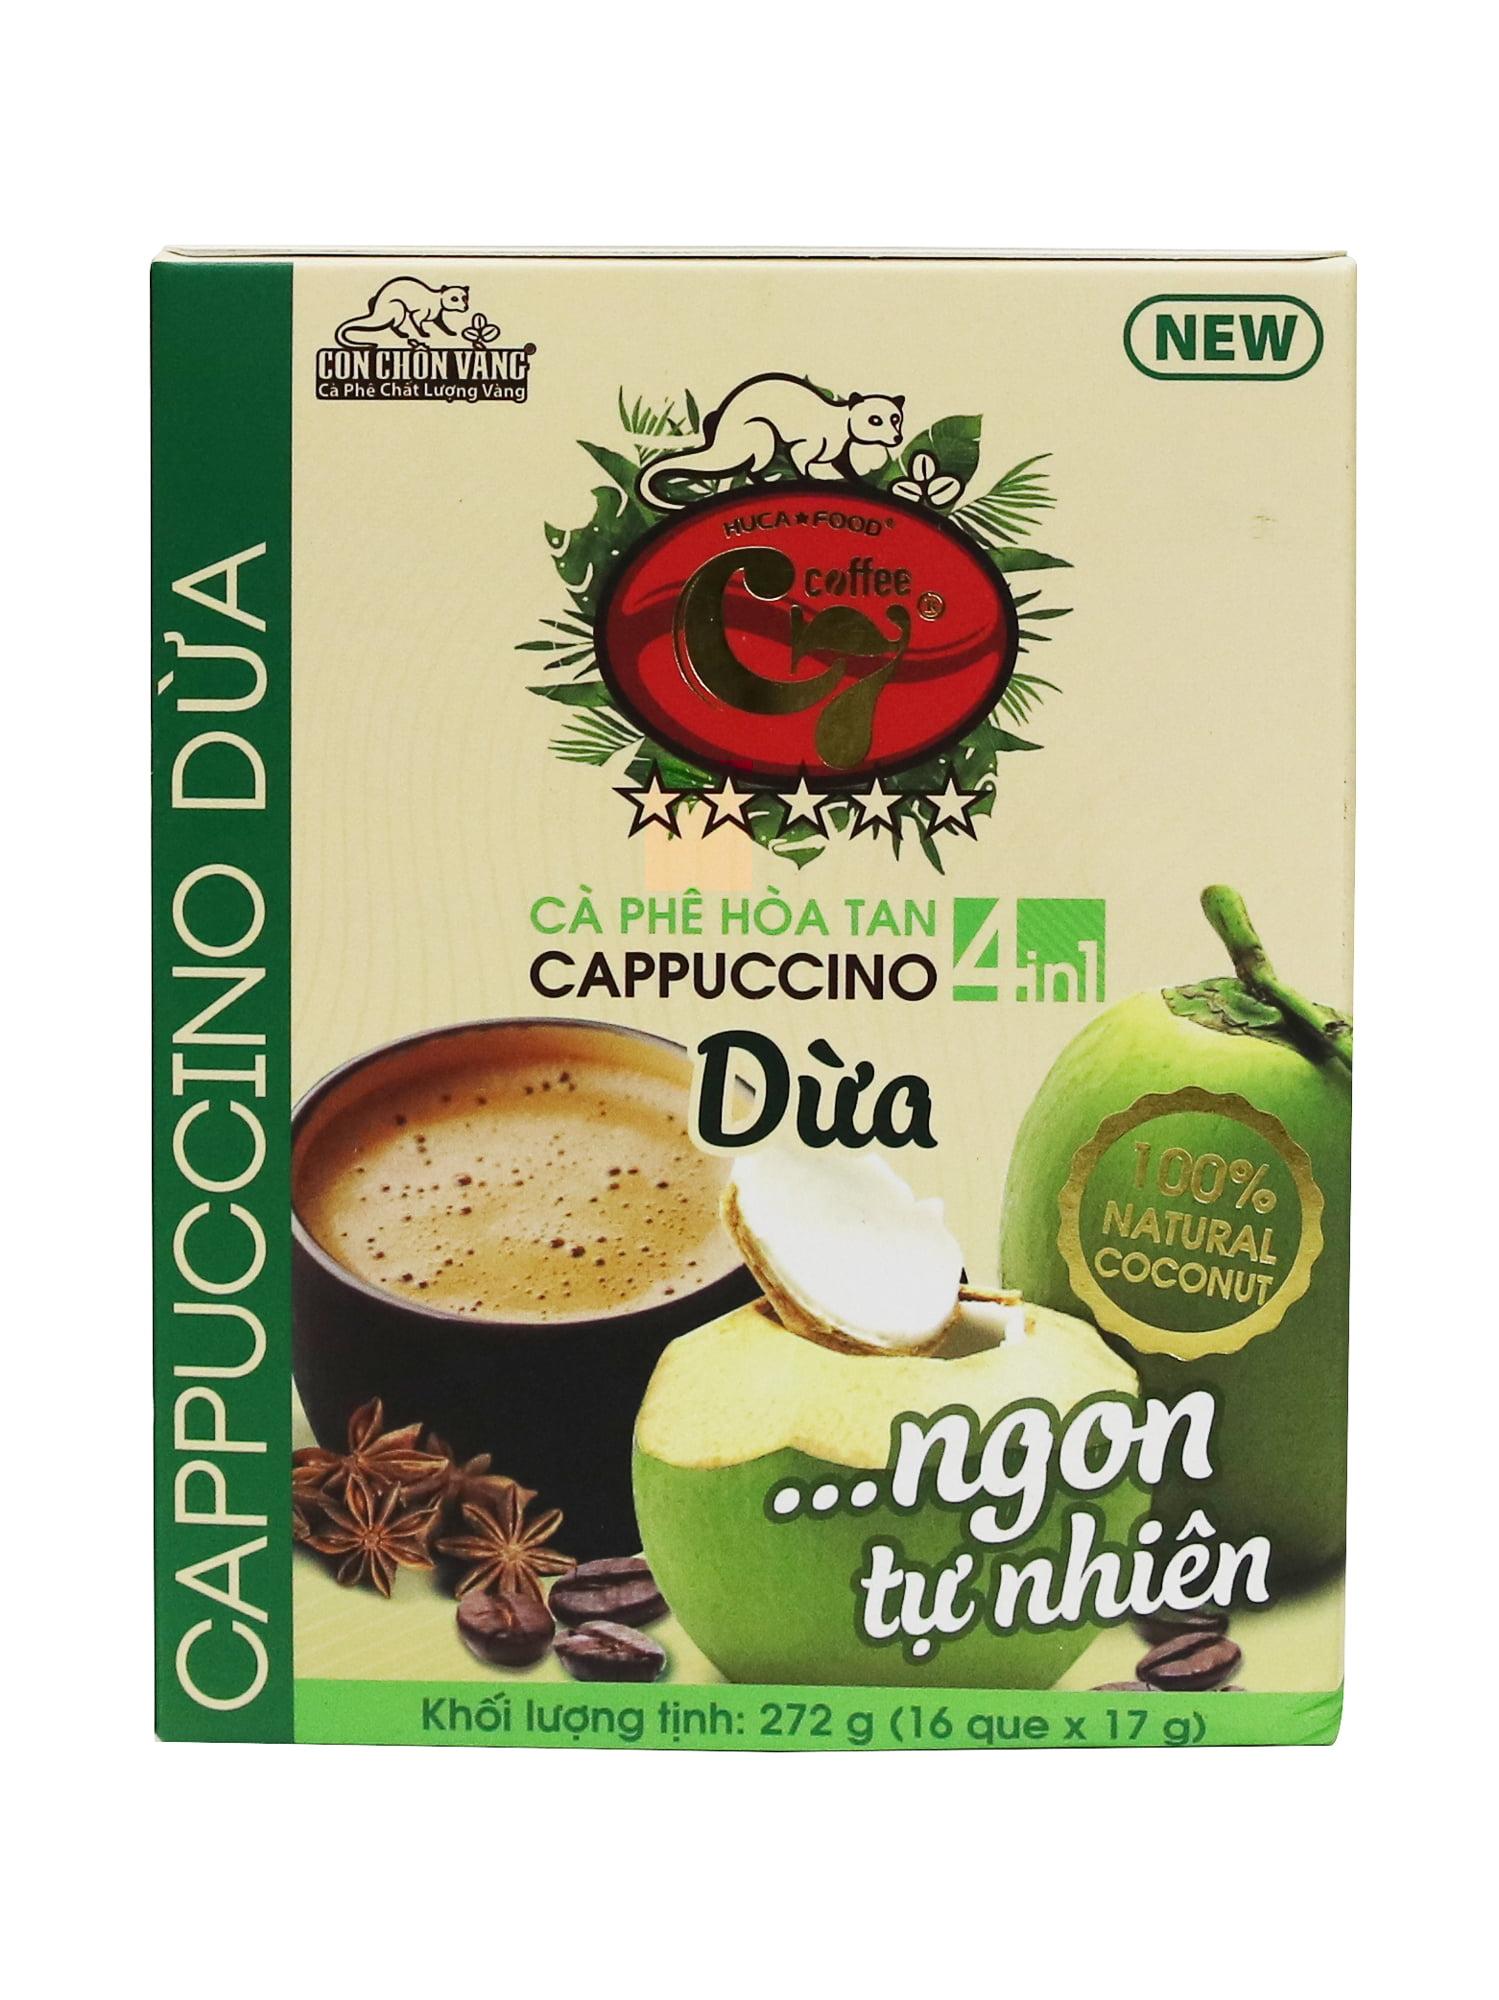 Cà phê cốt dừa dừa hòa tan là gì? cà phê cappuccino dừa là gì? Cà phê dừa mua ở đâu?